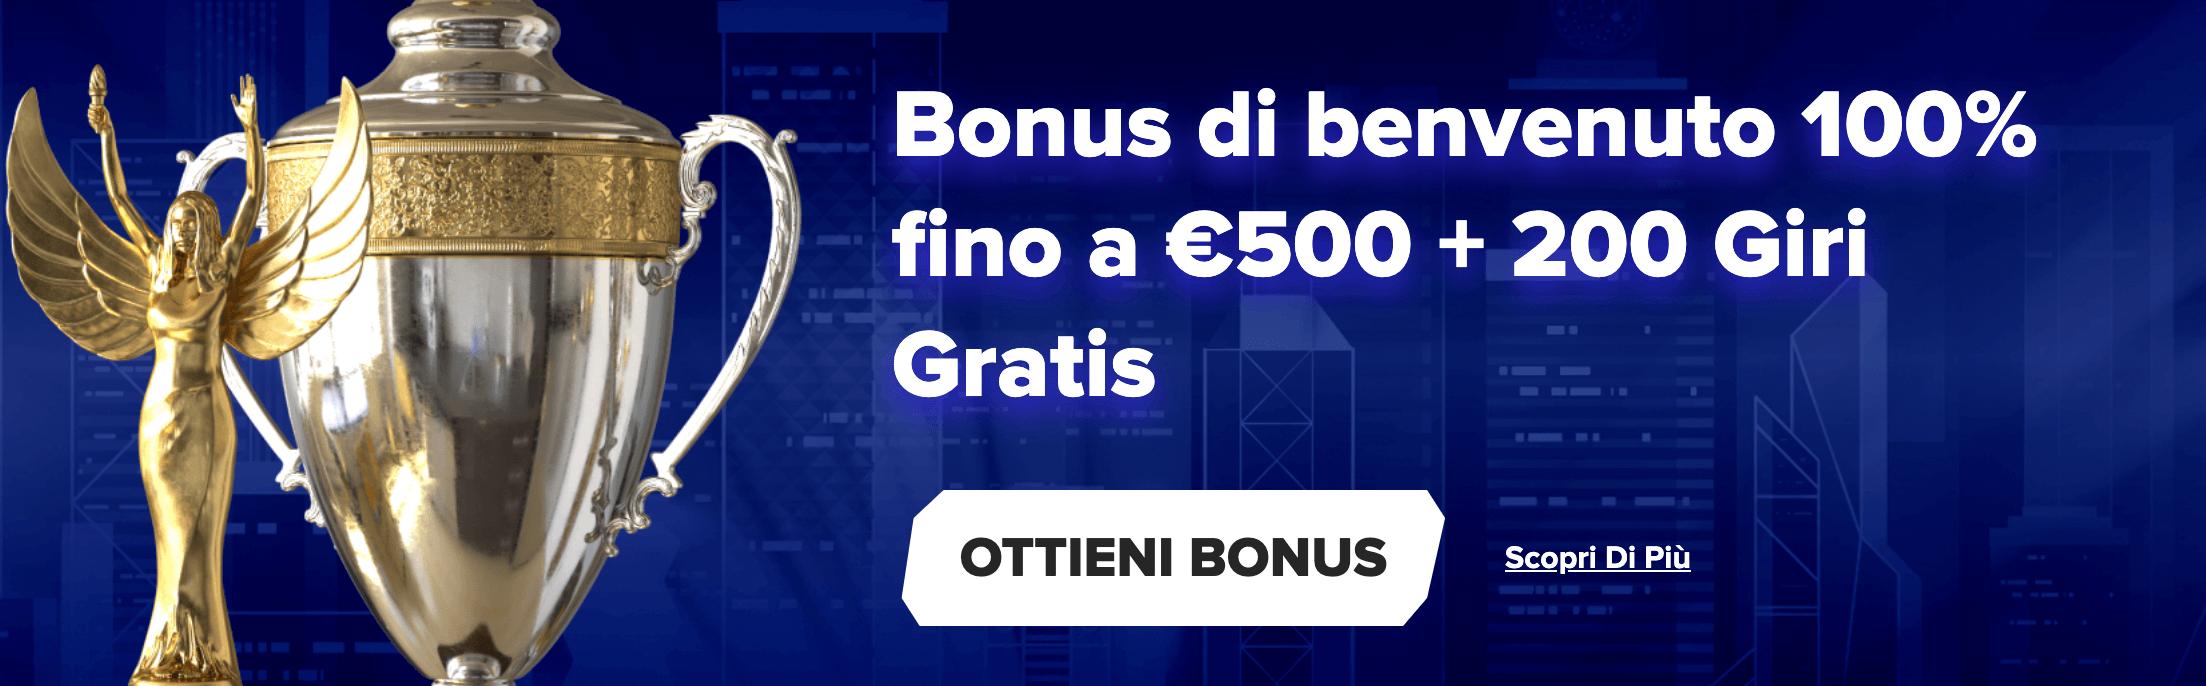 Sportaza Casino Bonus Benvenuto